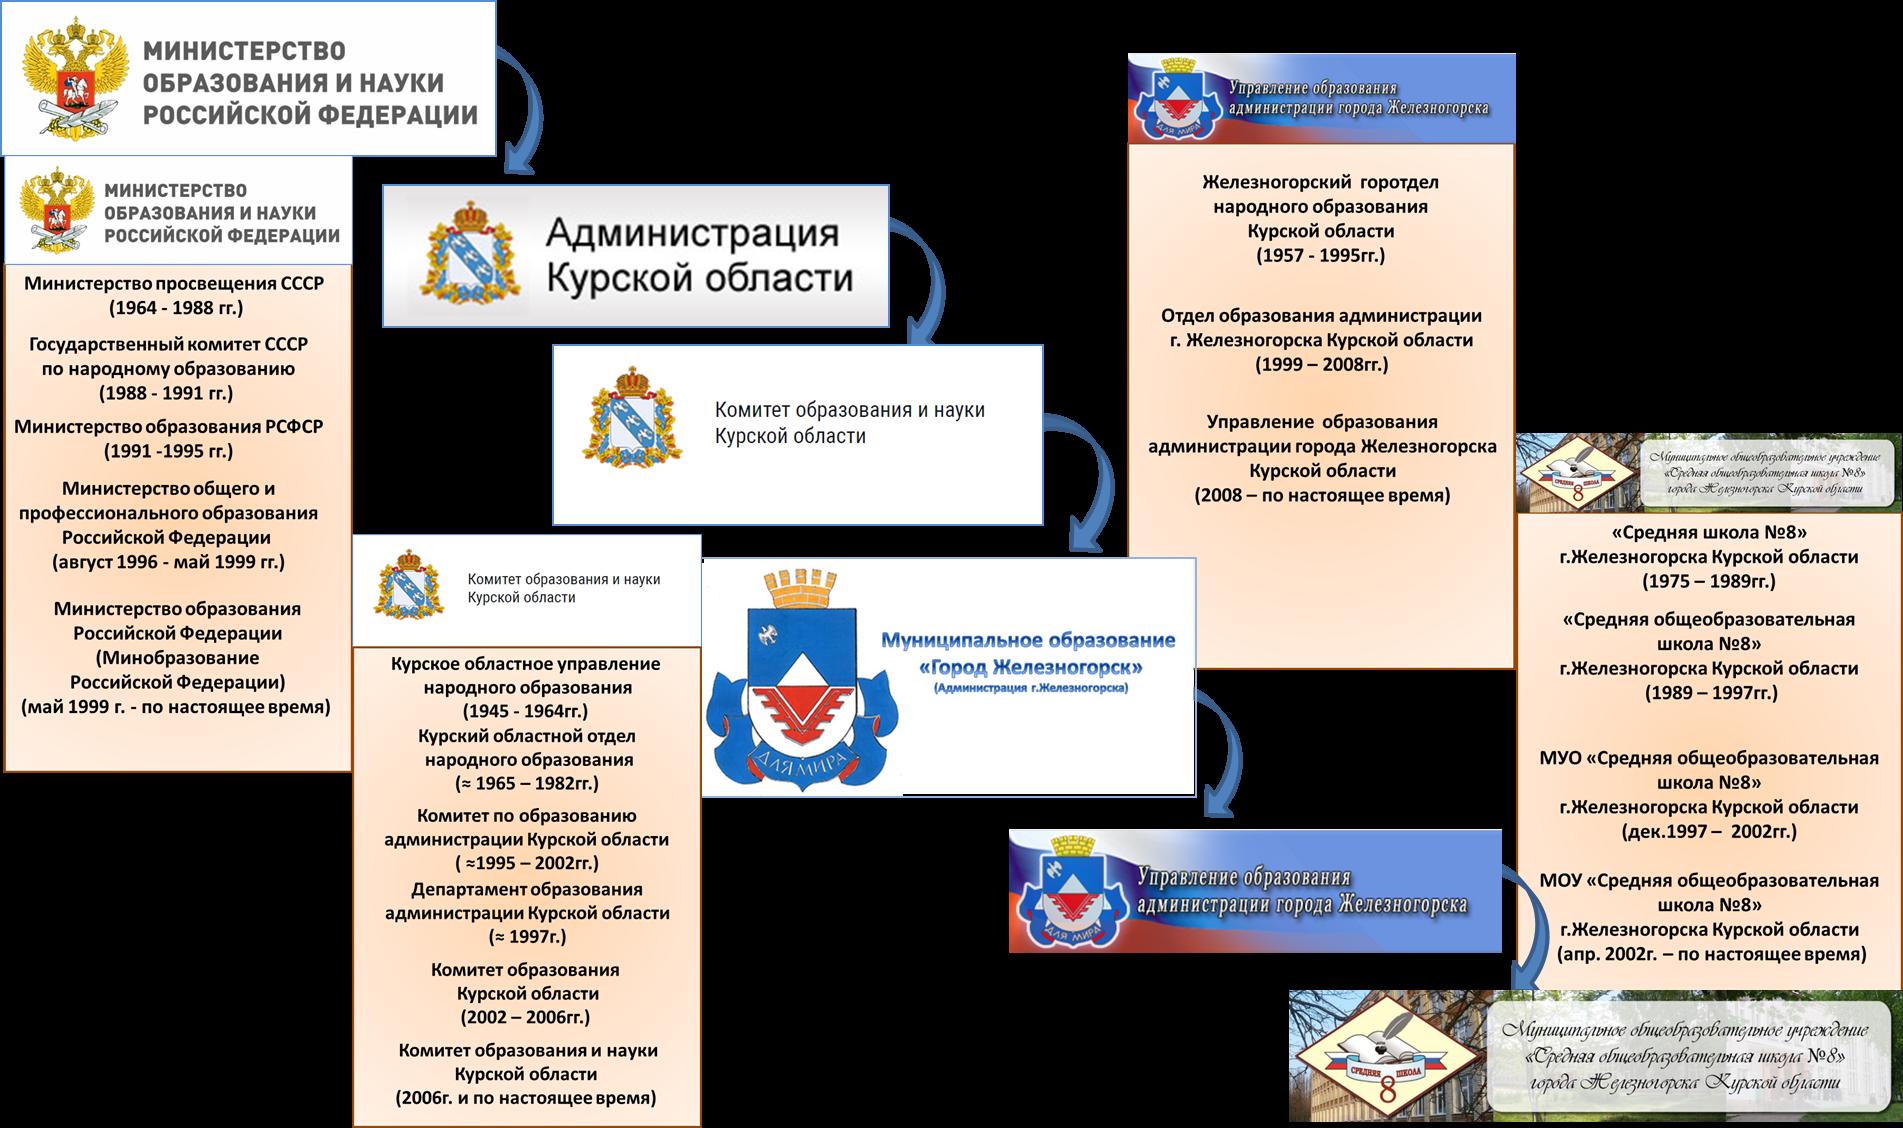 функции администрации города железногорска курской области